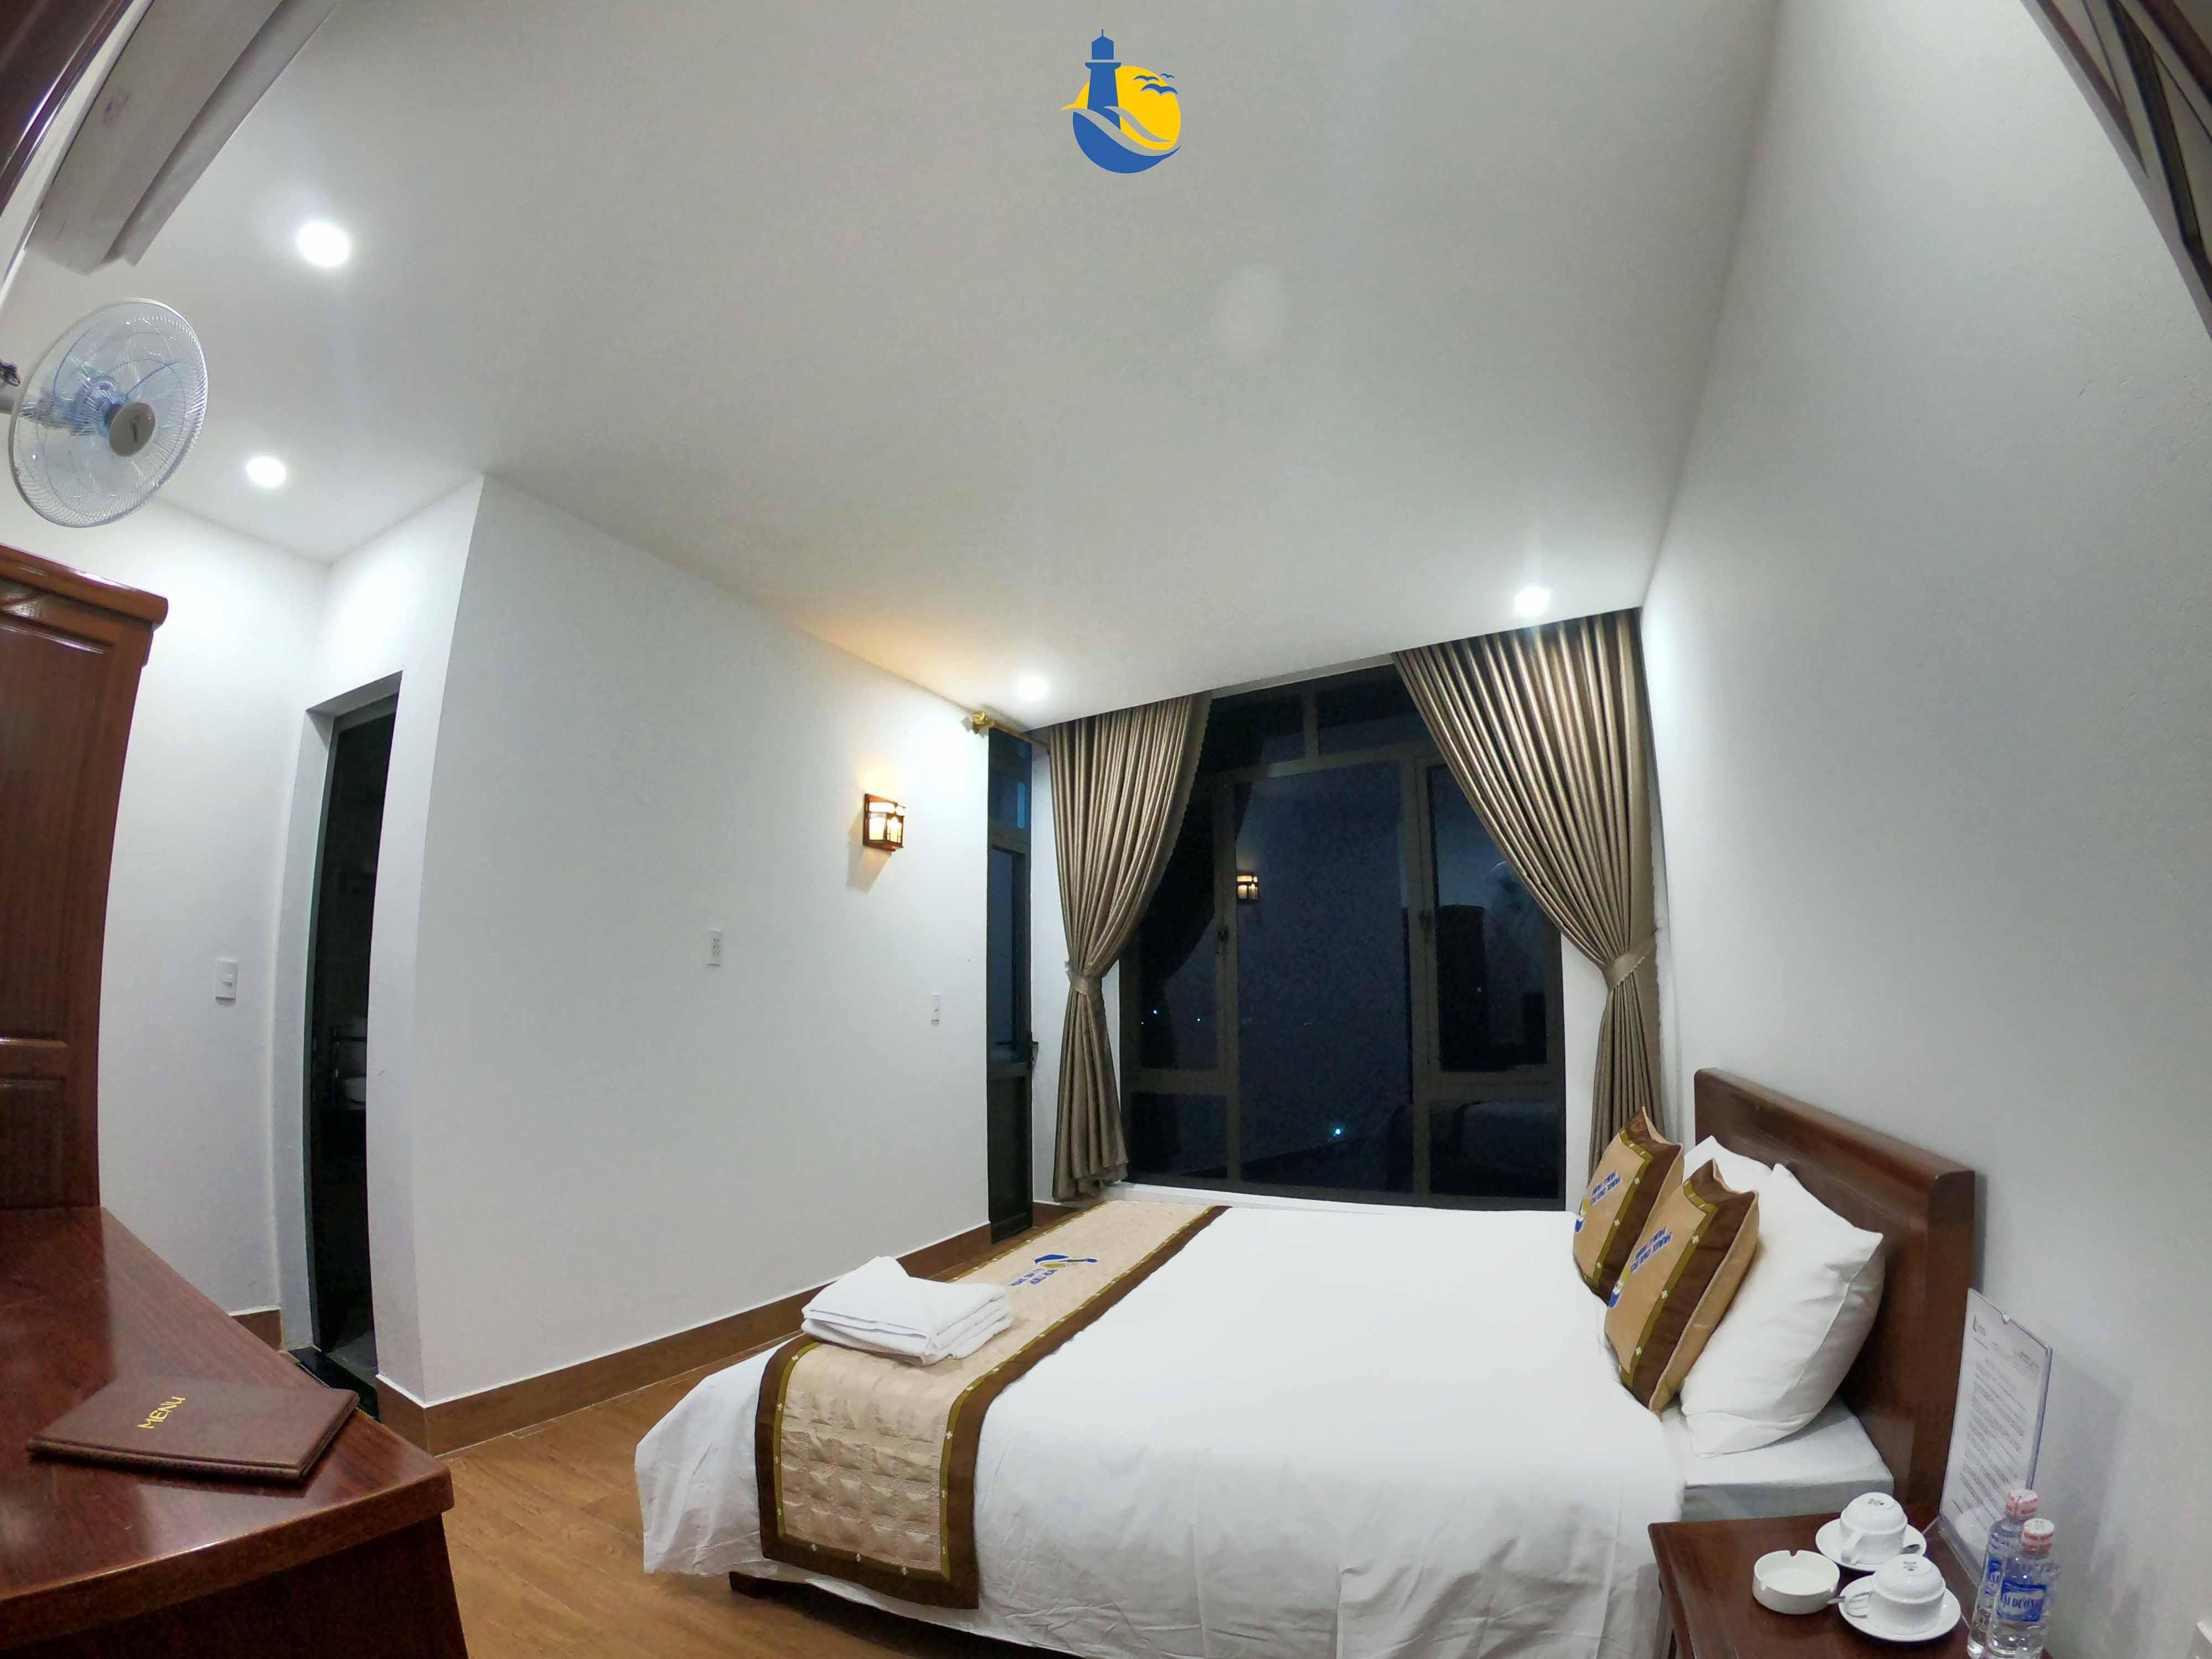 Tại sao giường khách sạn Cù Lao Xanh có nhiều gối